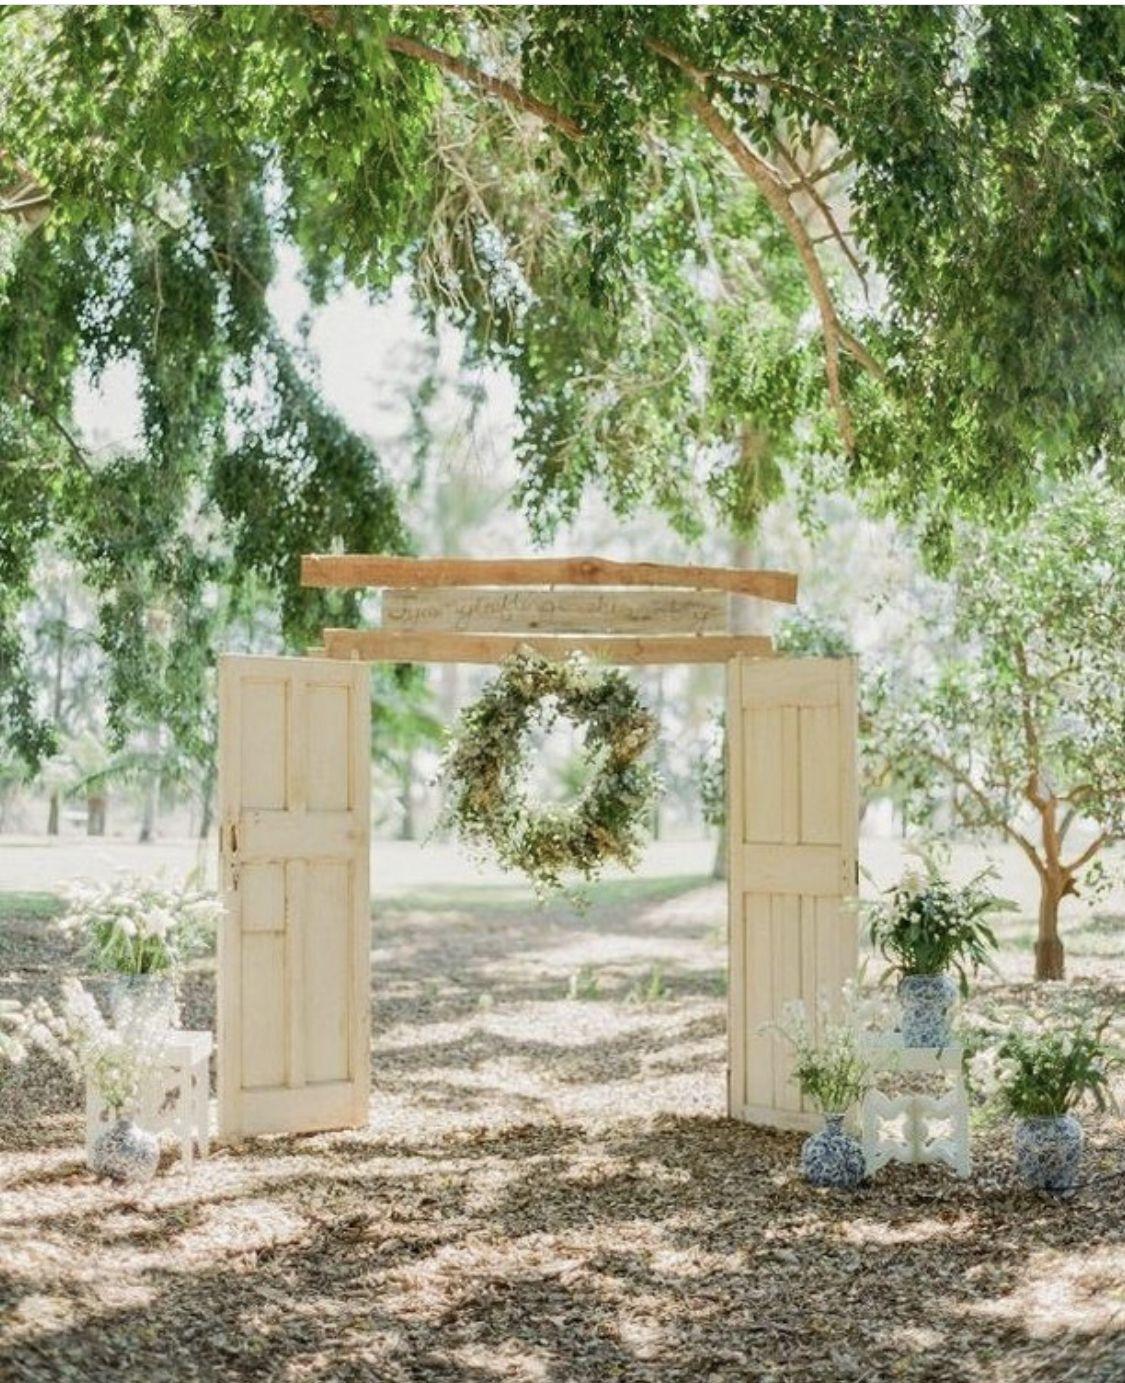 Outdoor Wedding Ceremony Doors: Ceremony Backdrop Outdoor, Rustic